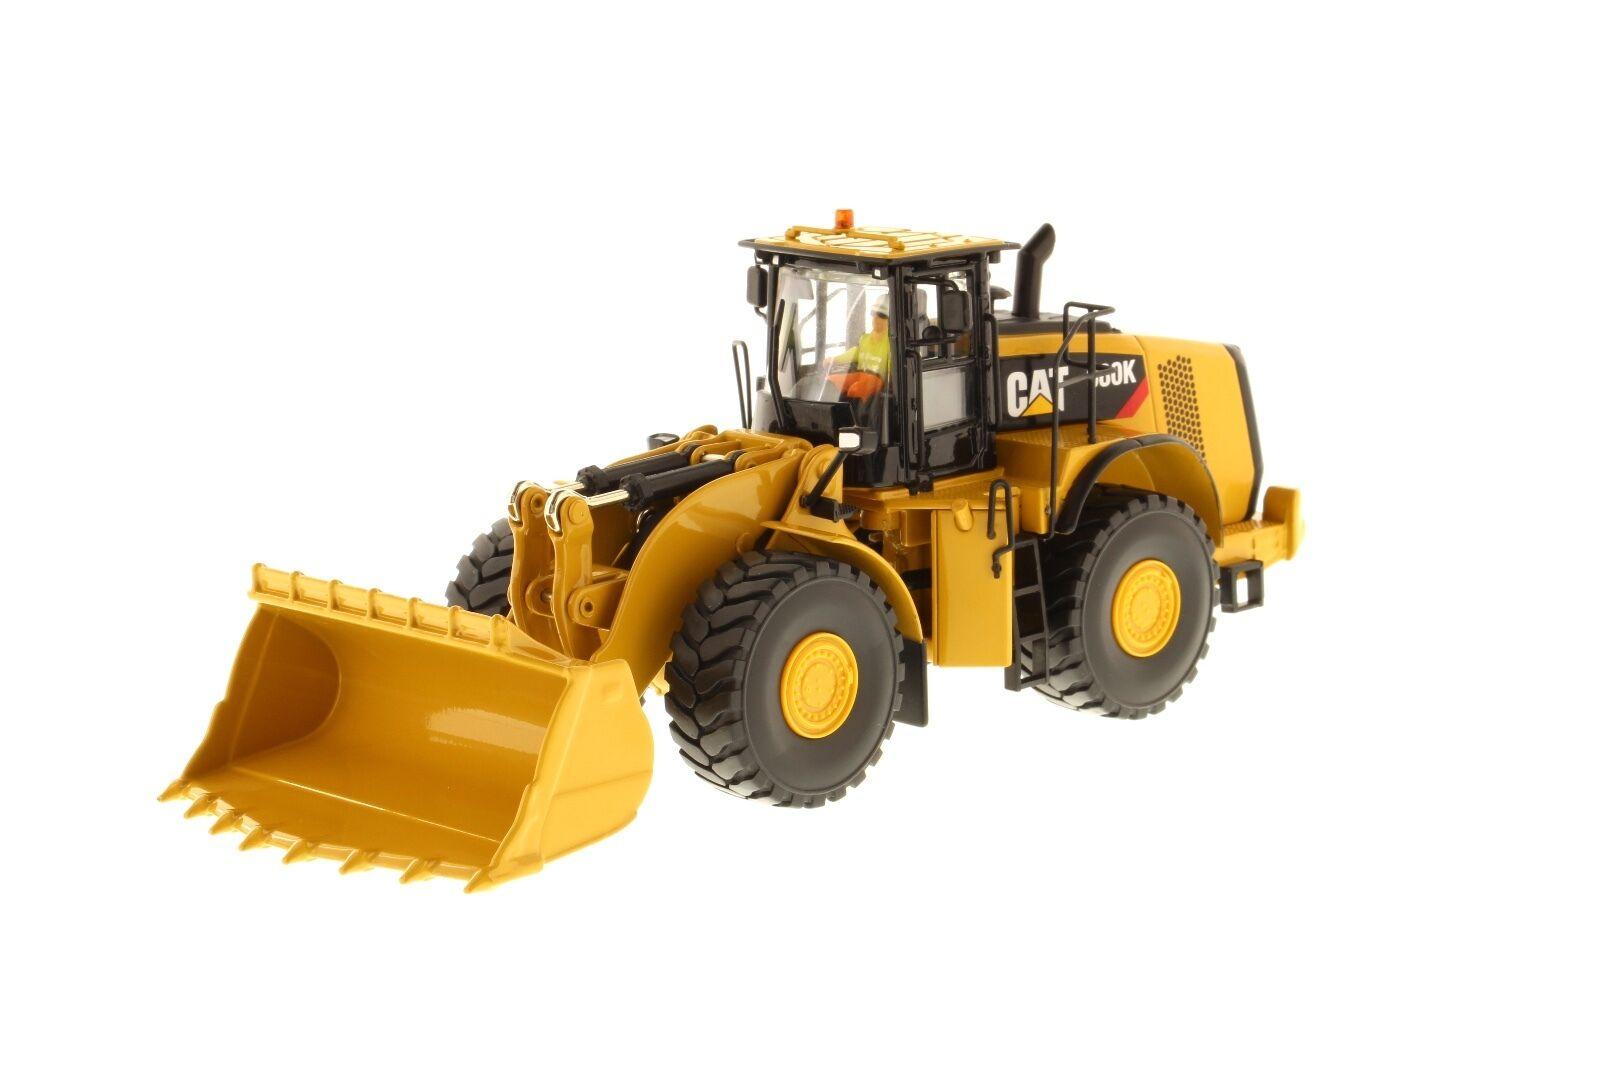 Caterpillar ® 1 50 Escala Cat 980K Rueda Cargador-rock de configuración - 85296 dm